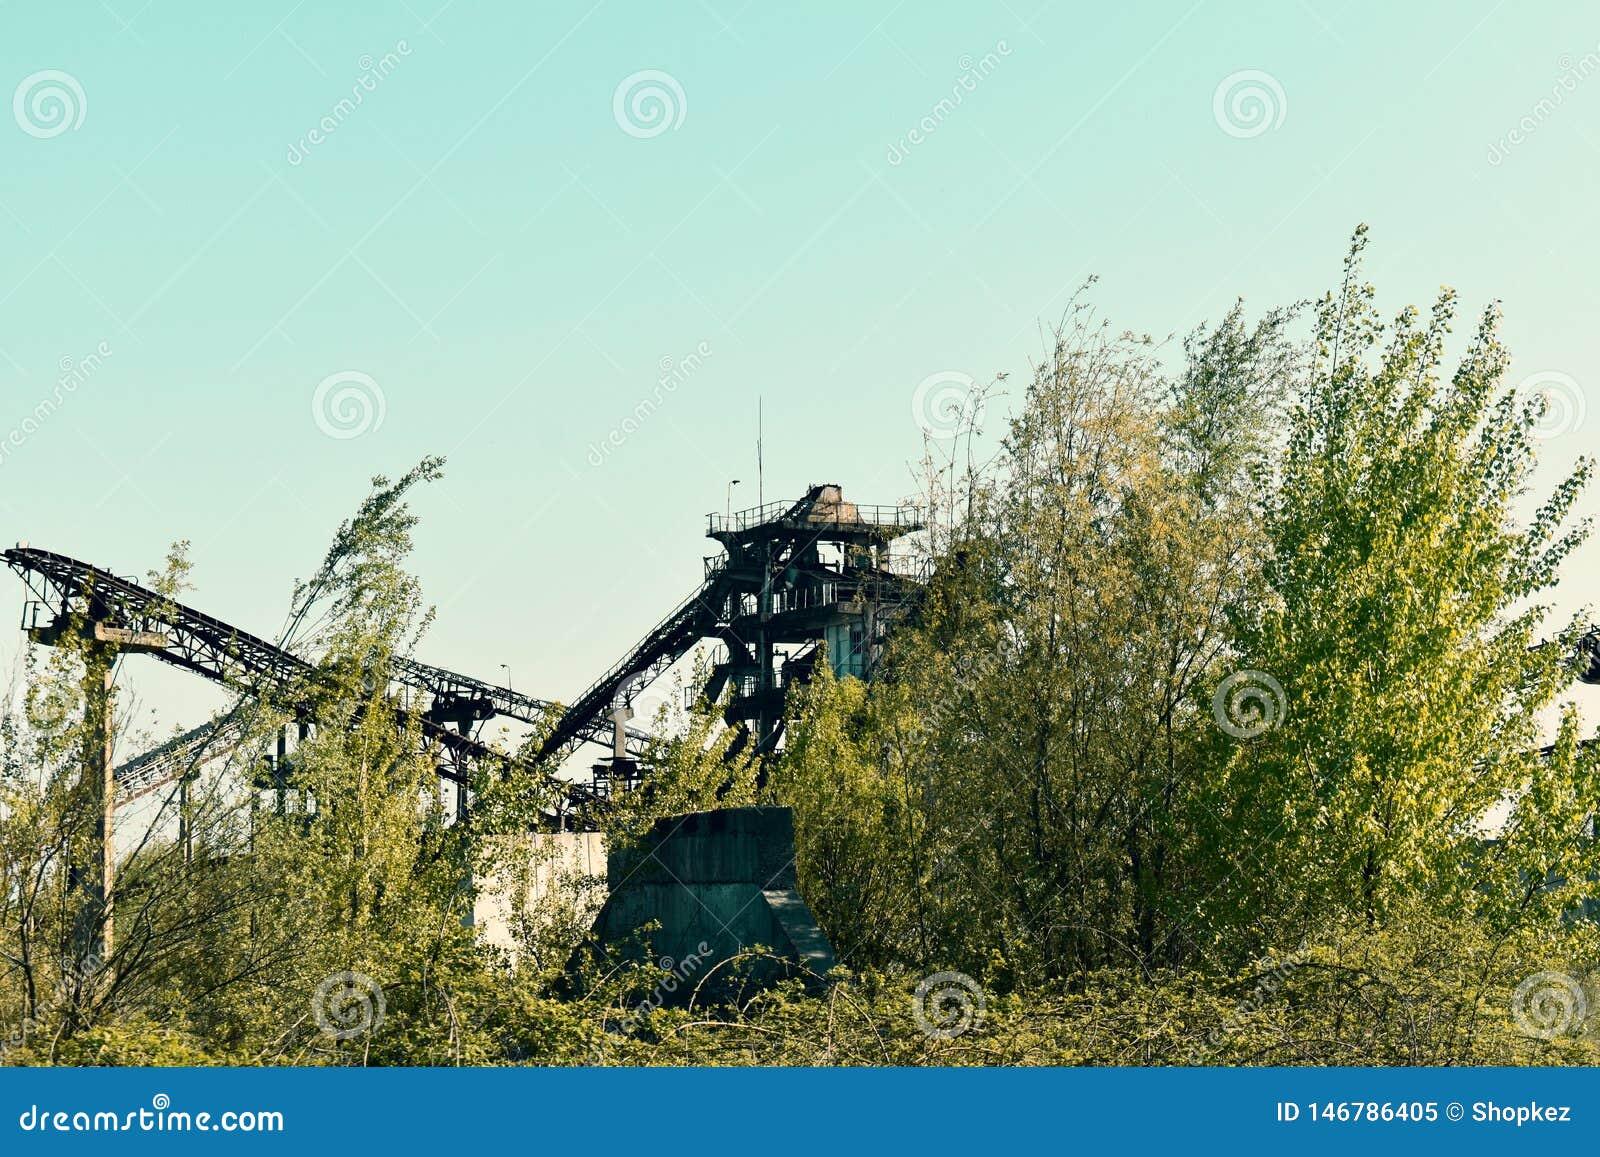 Verlassene industrielle Plattform mit rostigen Elementen